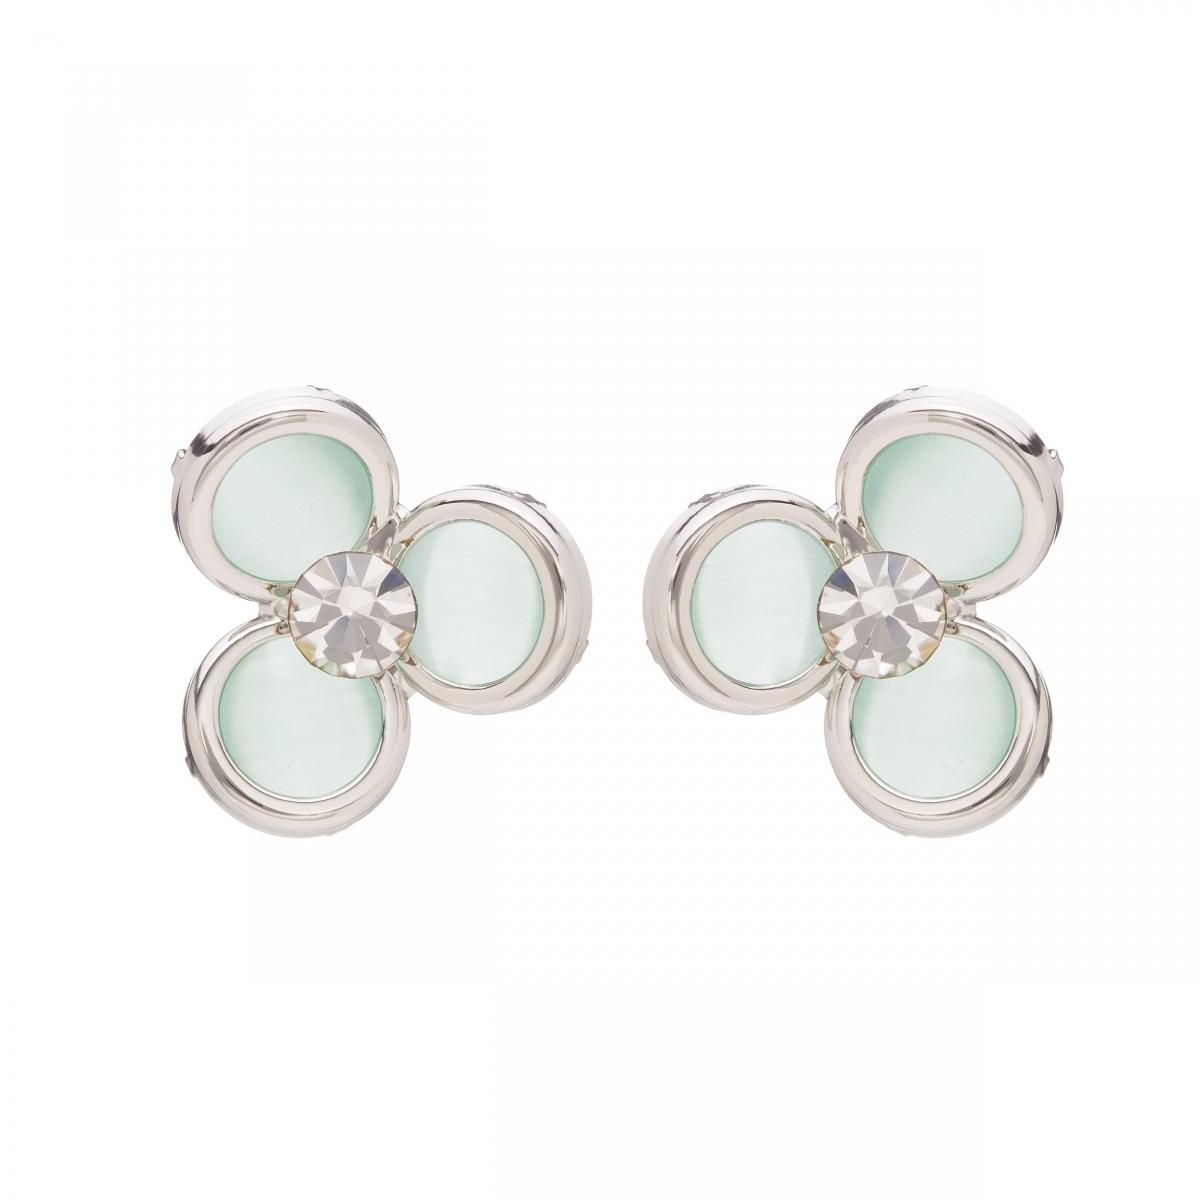 Náušnice Midi Flower Mint Silver Cateye